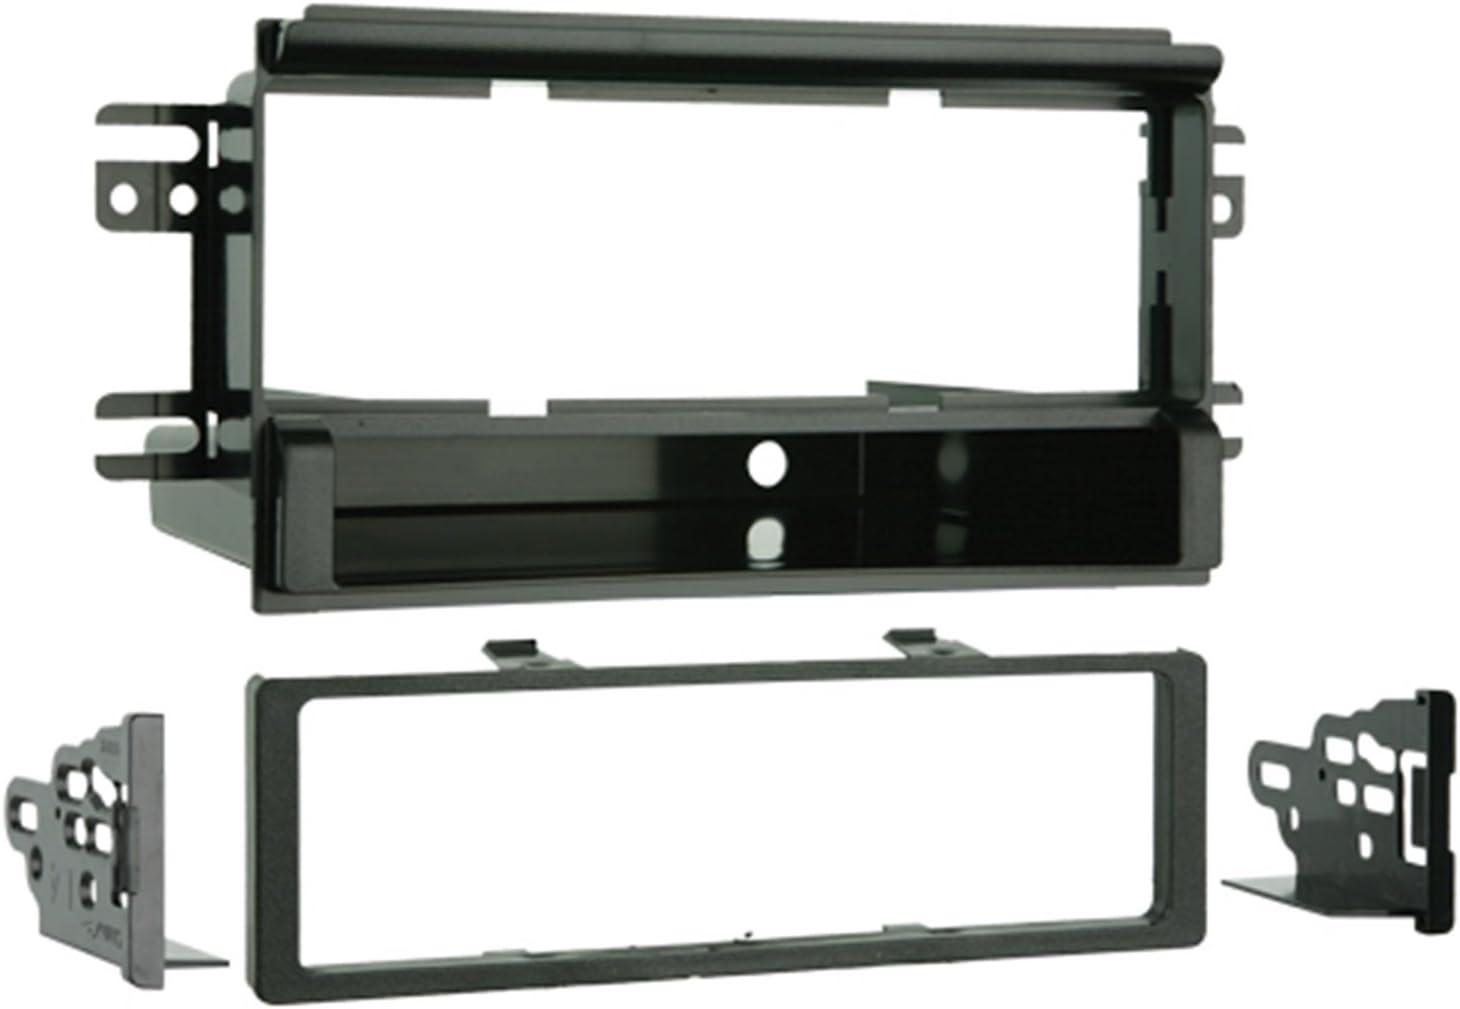 Metra 99-1008 Single DIN Installation Dash Kit for 2003-2006 Kia Sorento LX/Spectra